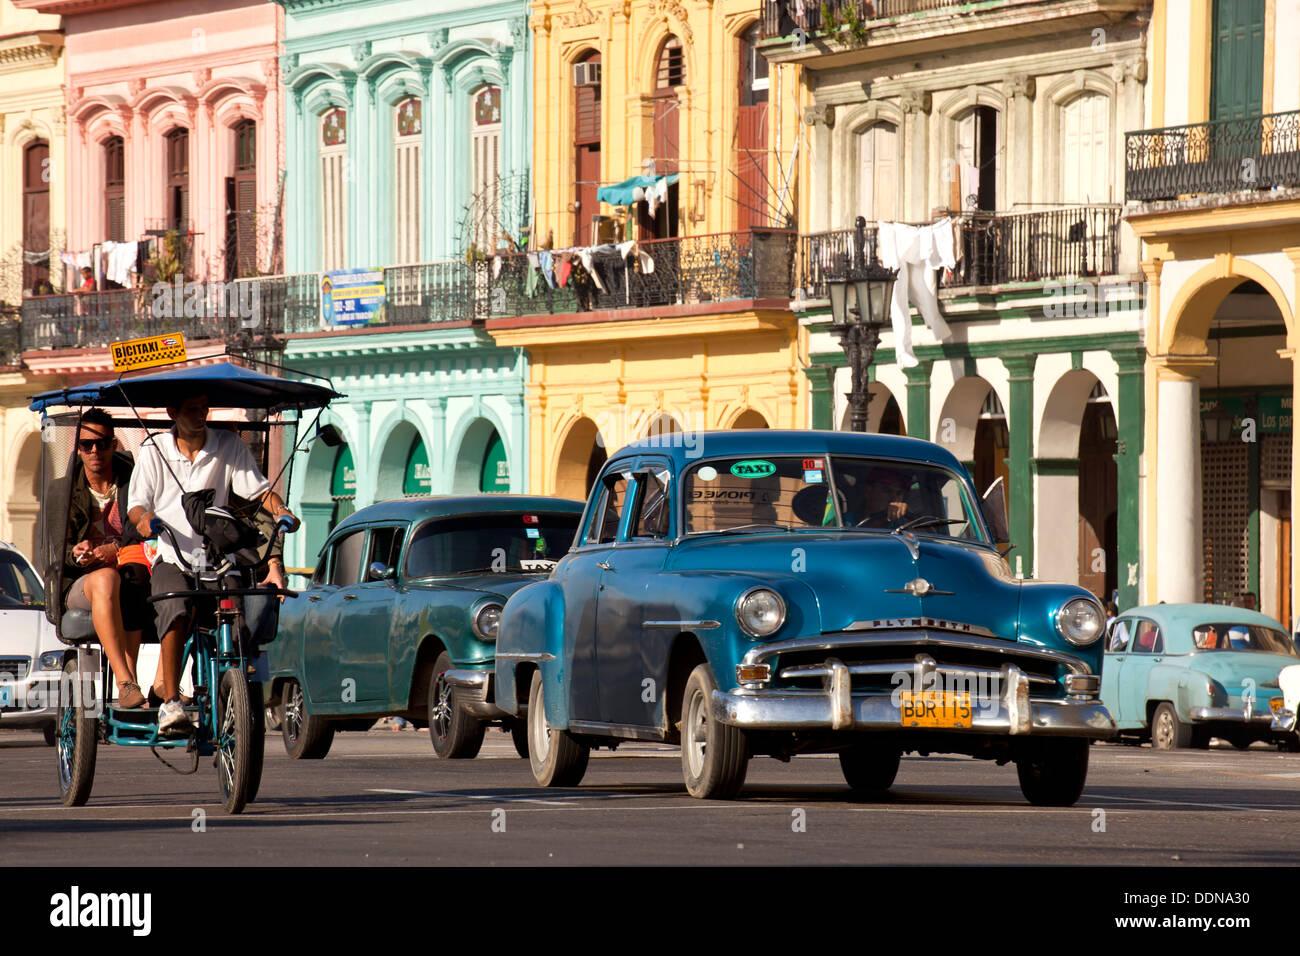 US-Oldtimer aus den 50er Jahren in den Straßen von Havanna, Kuba, Karibik Stockbild